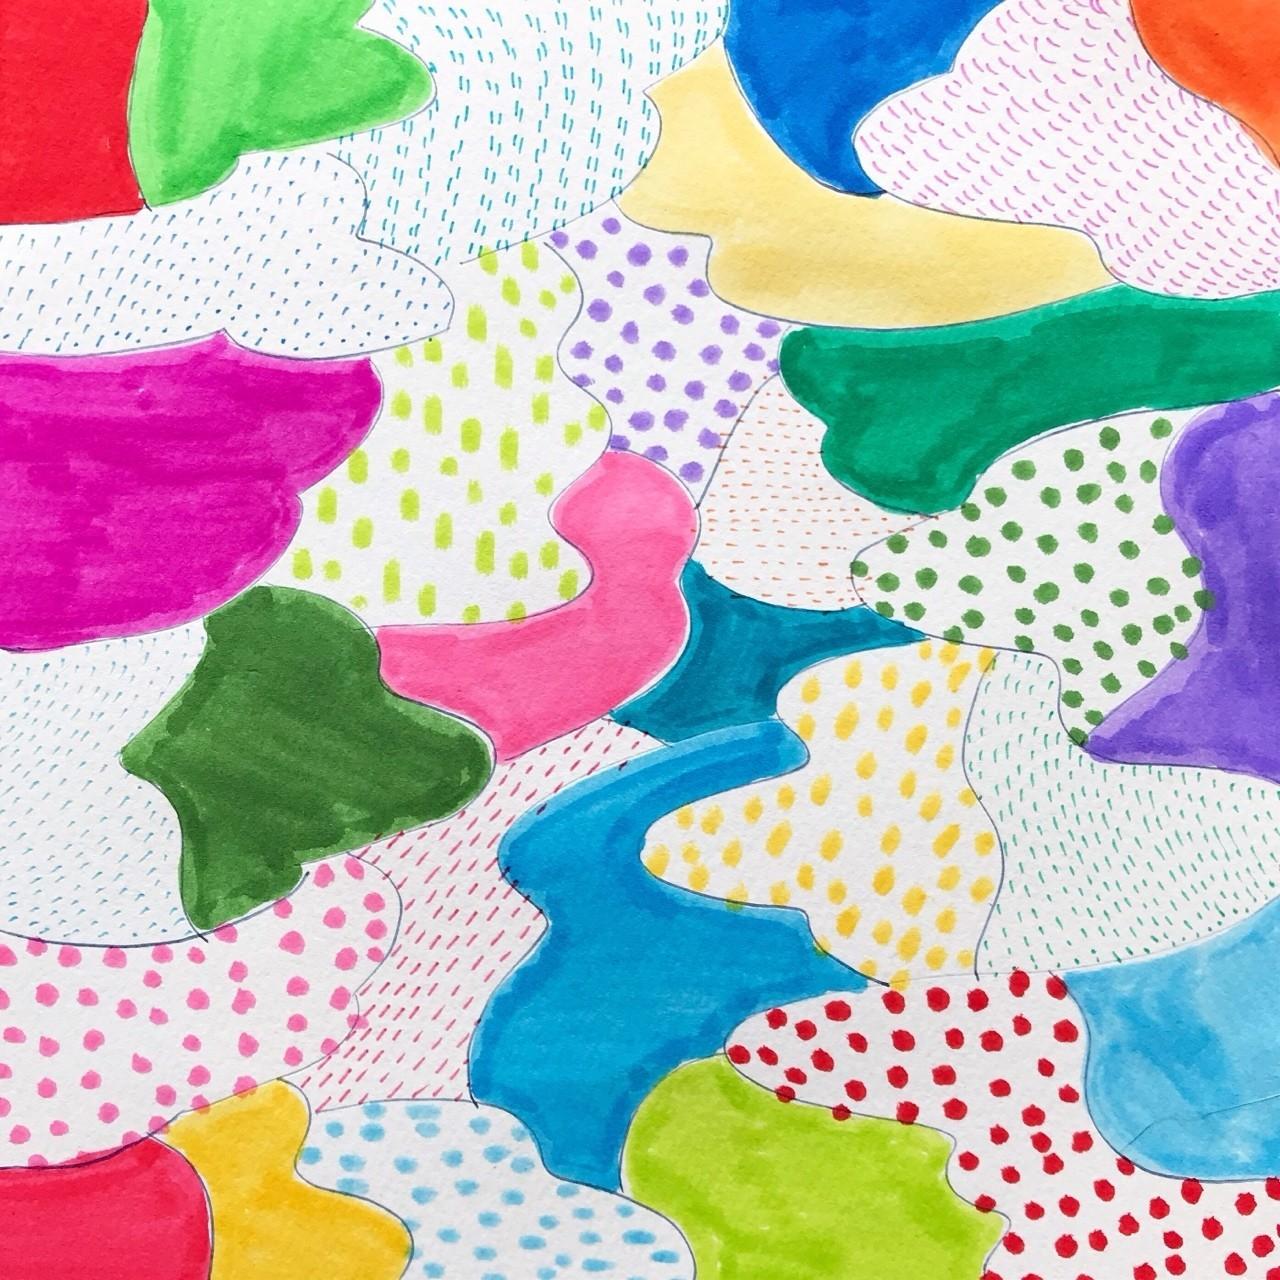 #115_Patterned sea14_182x182mm<Drawing>  おはようございます! カラフルベースでは、春日舞子が表現するアートの世界を毎日更新でお届けしています。どうぞお楽しみに! BASEのページでは購入もしていただけます。colorfulbase.thebase.in #アート #ドローイング #イラスト #絵 #カラフル #原画販売 #グッズ販売